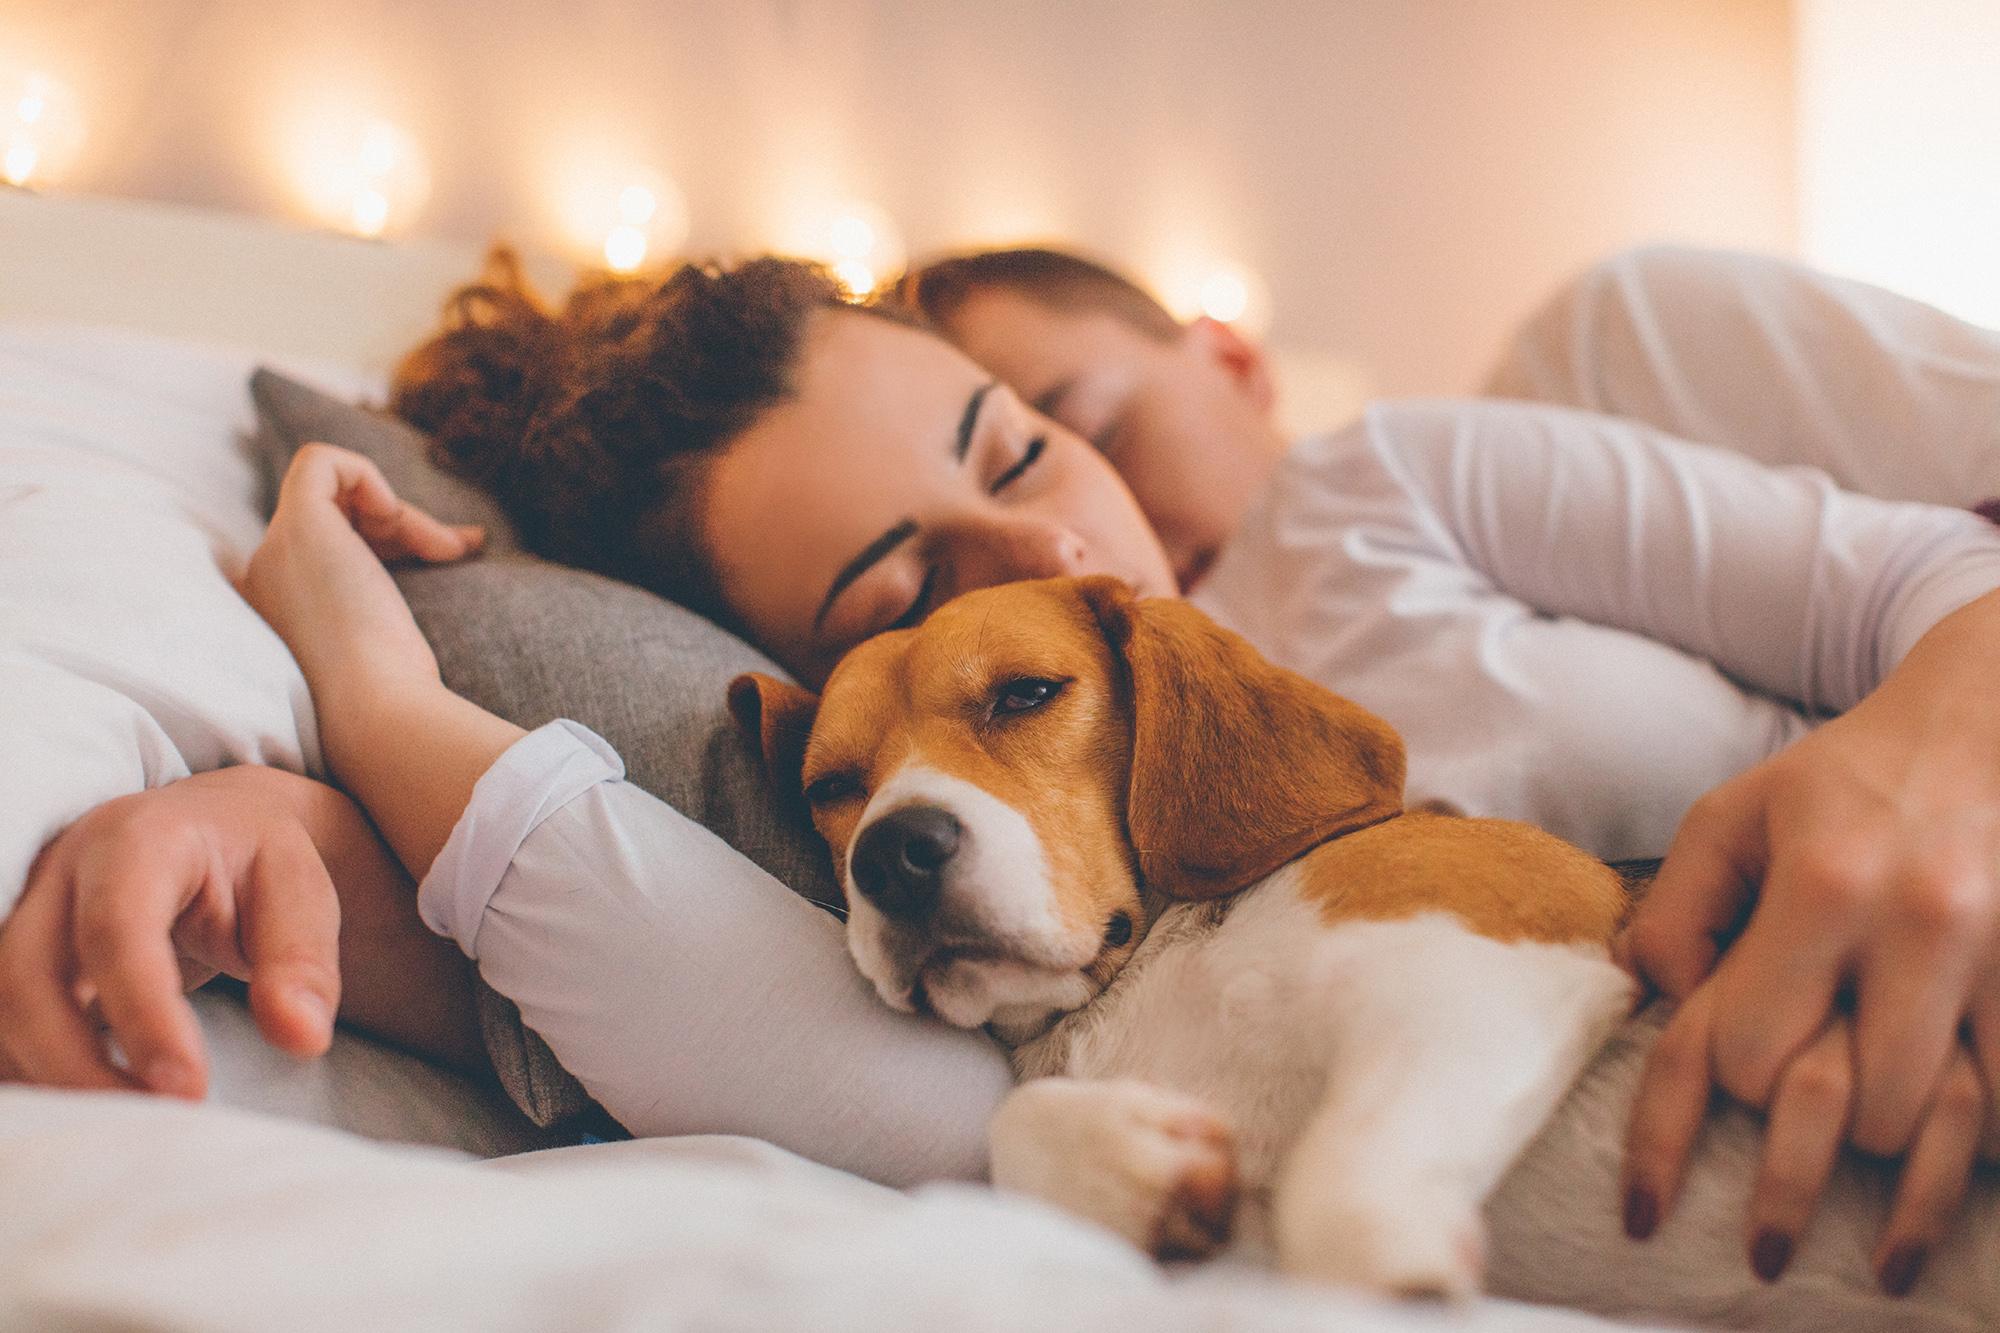 asleep-family-with-dog-635904362.jpg